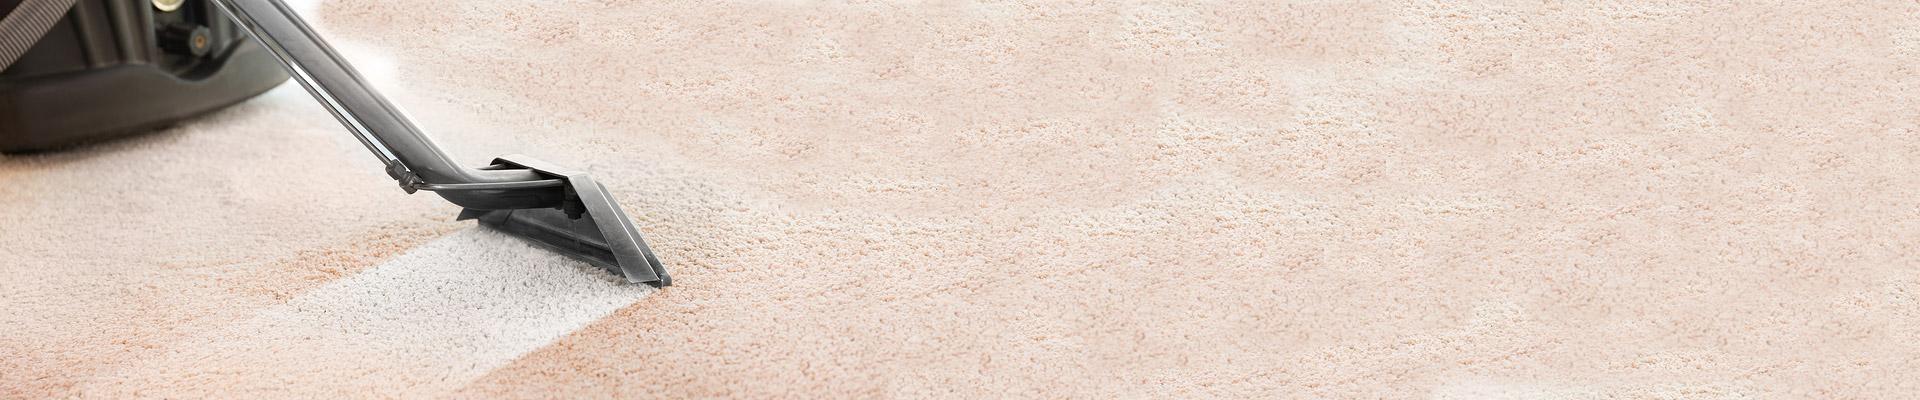 homepage-slide-carpetcleaners-nearme.jpg